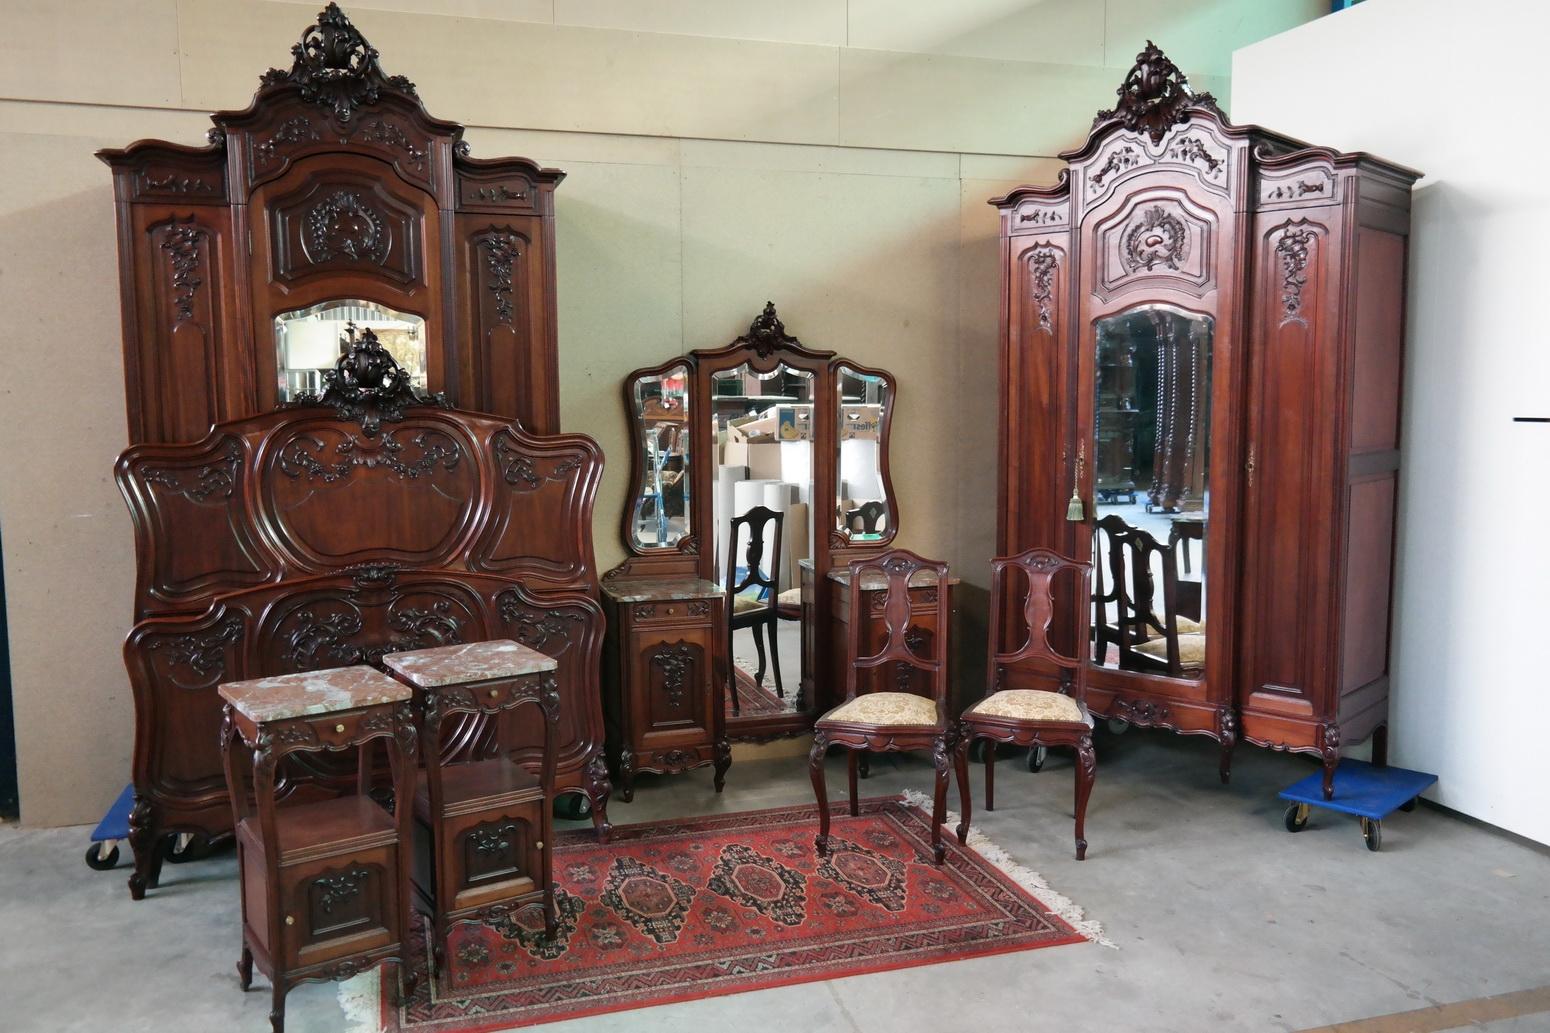 Louis Xv Bedroom Furniture Louis Xv Bedroom Set Louis Bedroom Belgium Antique Exporters On Sich